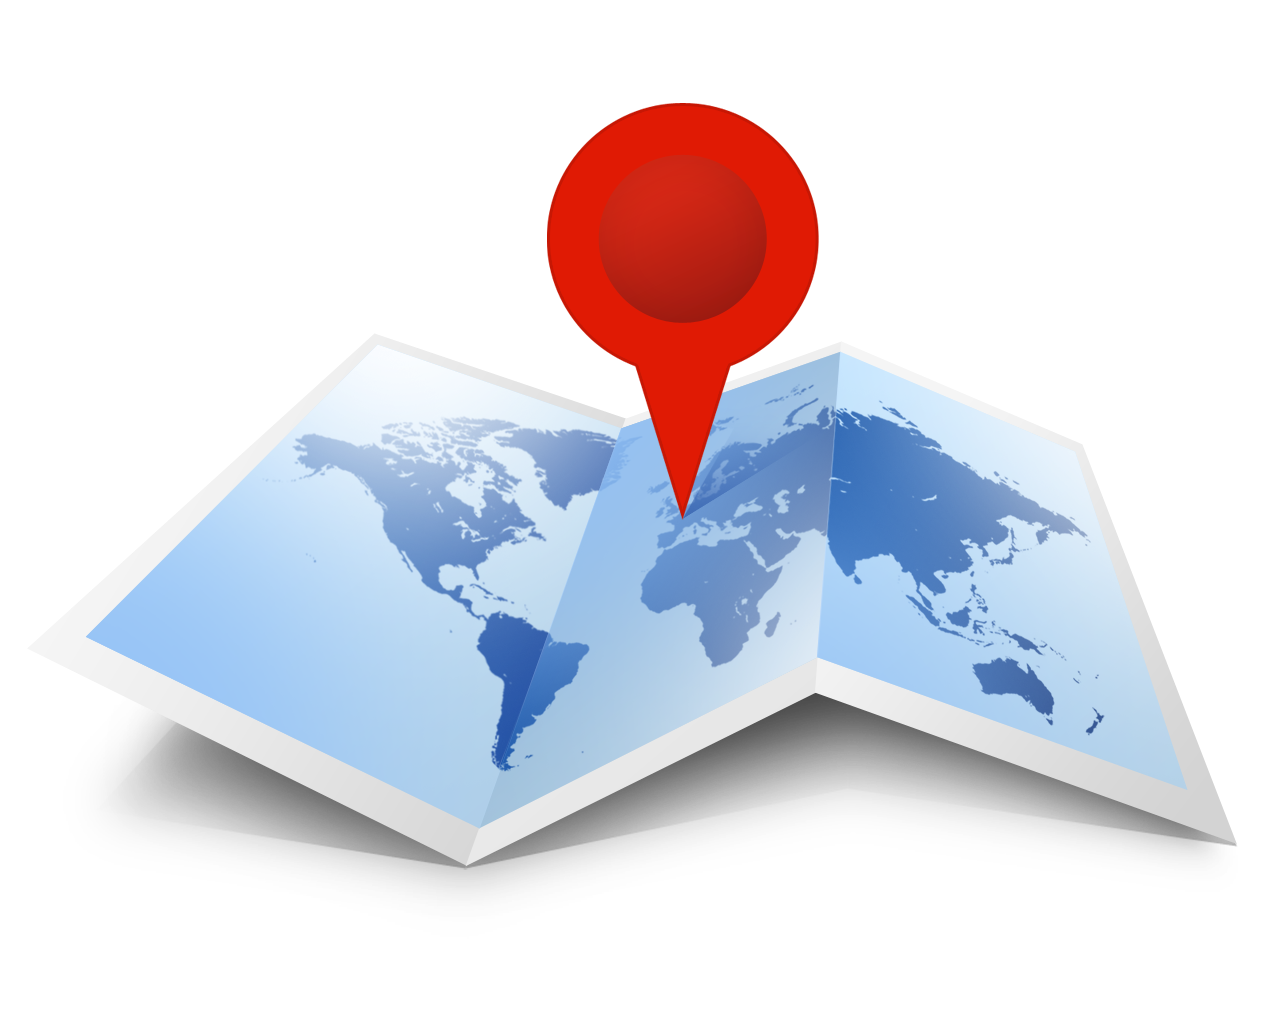 ملف كامل عن طرق إضافة خرائط جوجل إلى المواقع Psd-world-map-icon